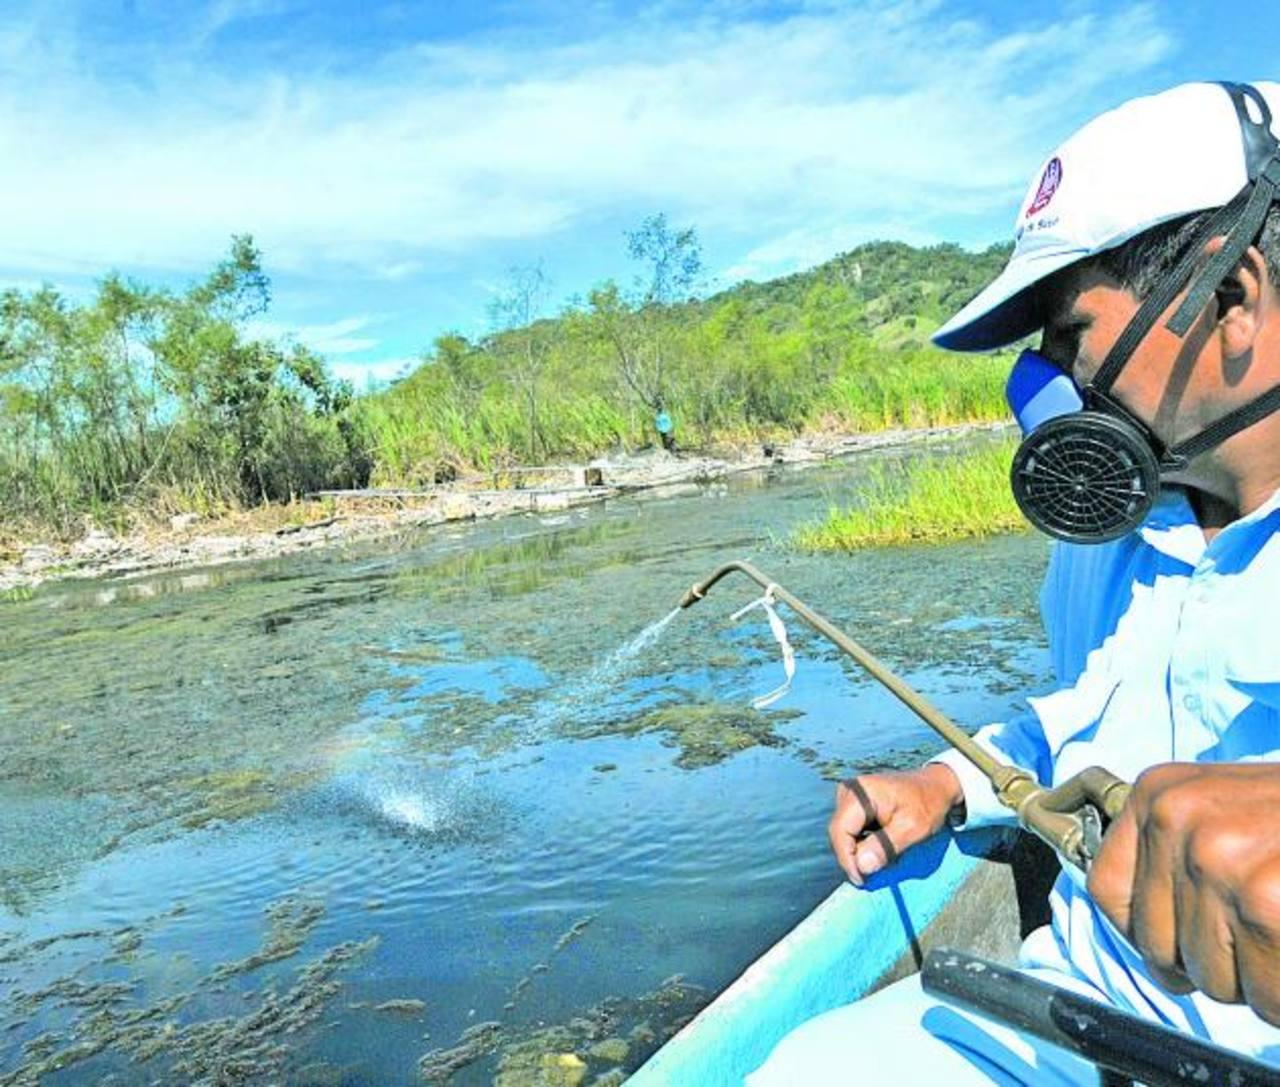 Ilopango es una de las zonas de transmisión de la malaria. Personal de Salud aplica herbicida en el lago para matar las larvas.